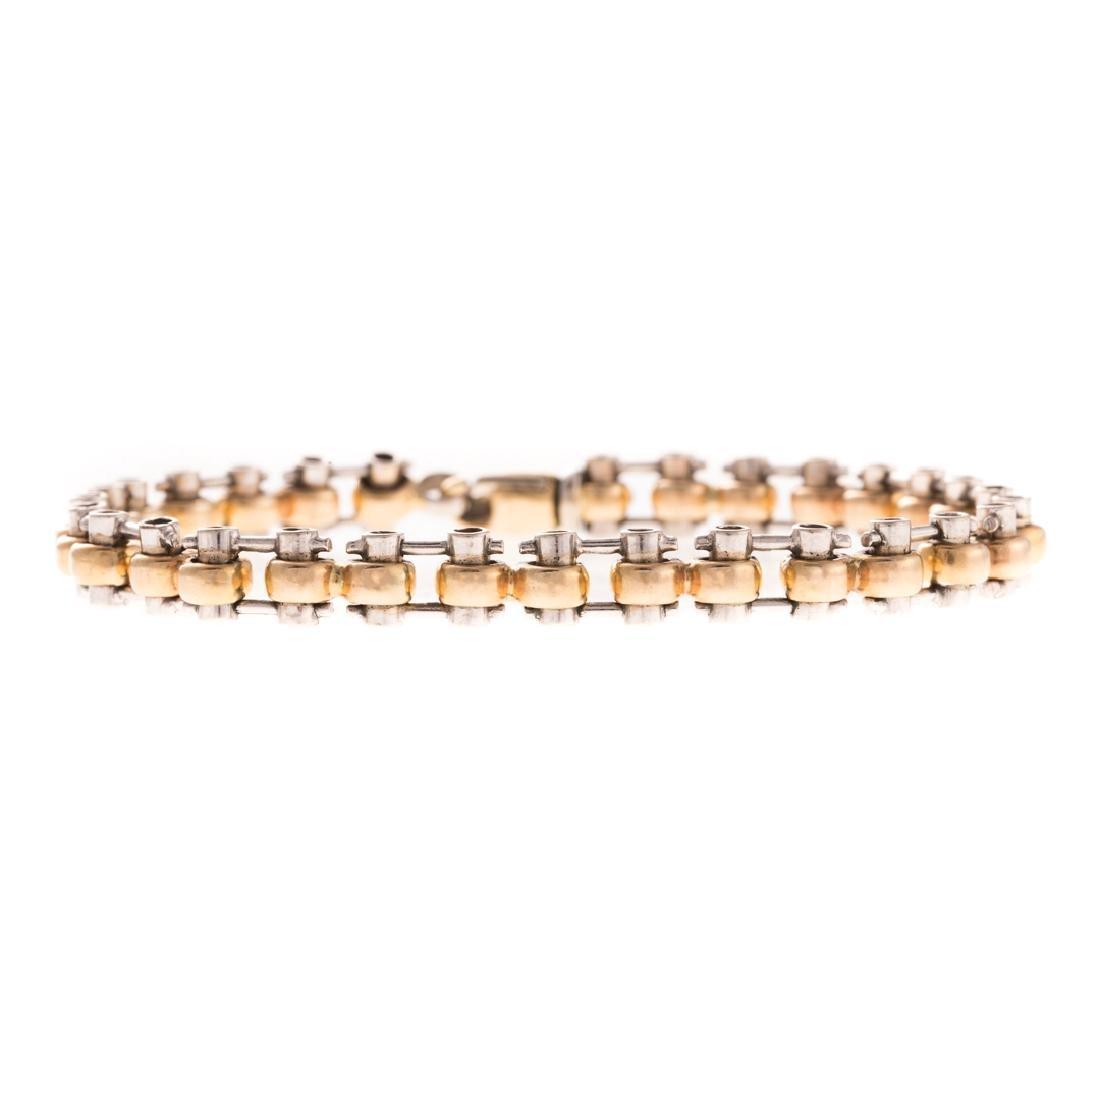 A Lady's Heavy Link Bracelet in 14K